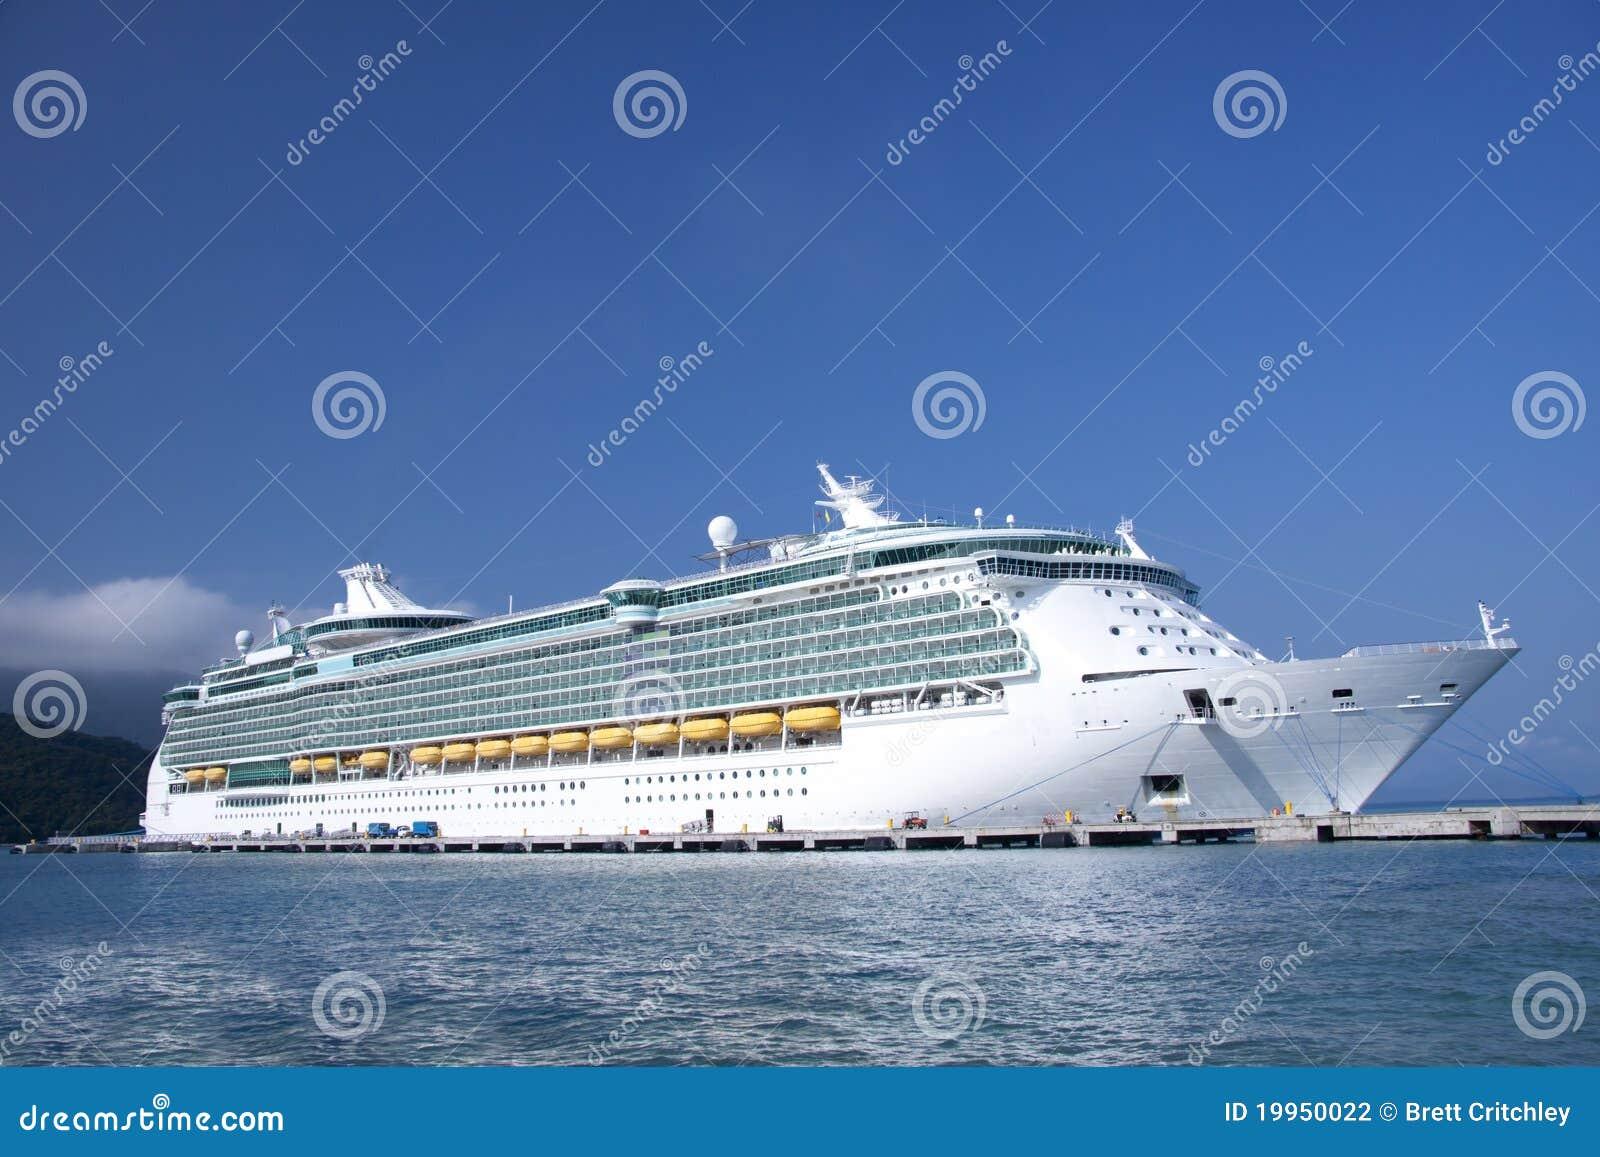 Caraïbisch cruiseschip